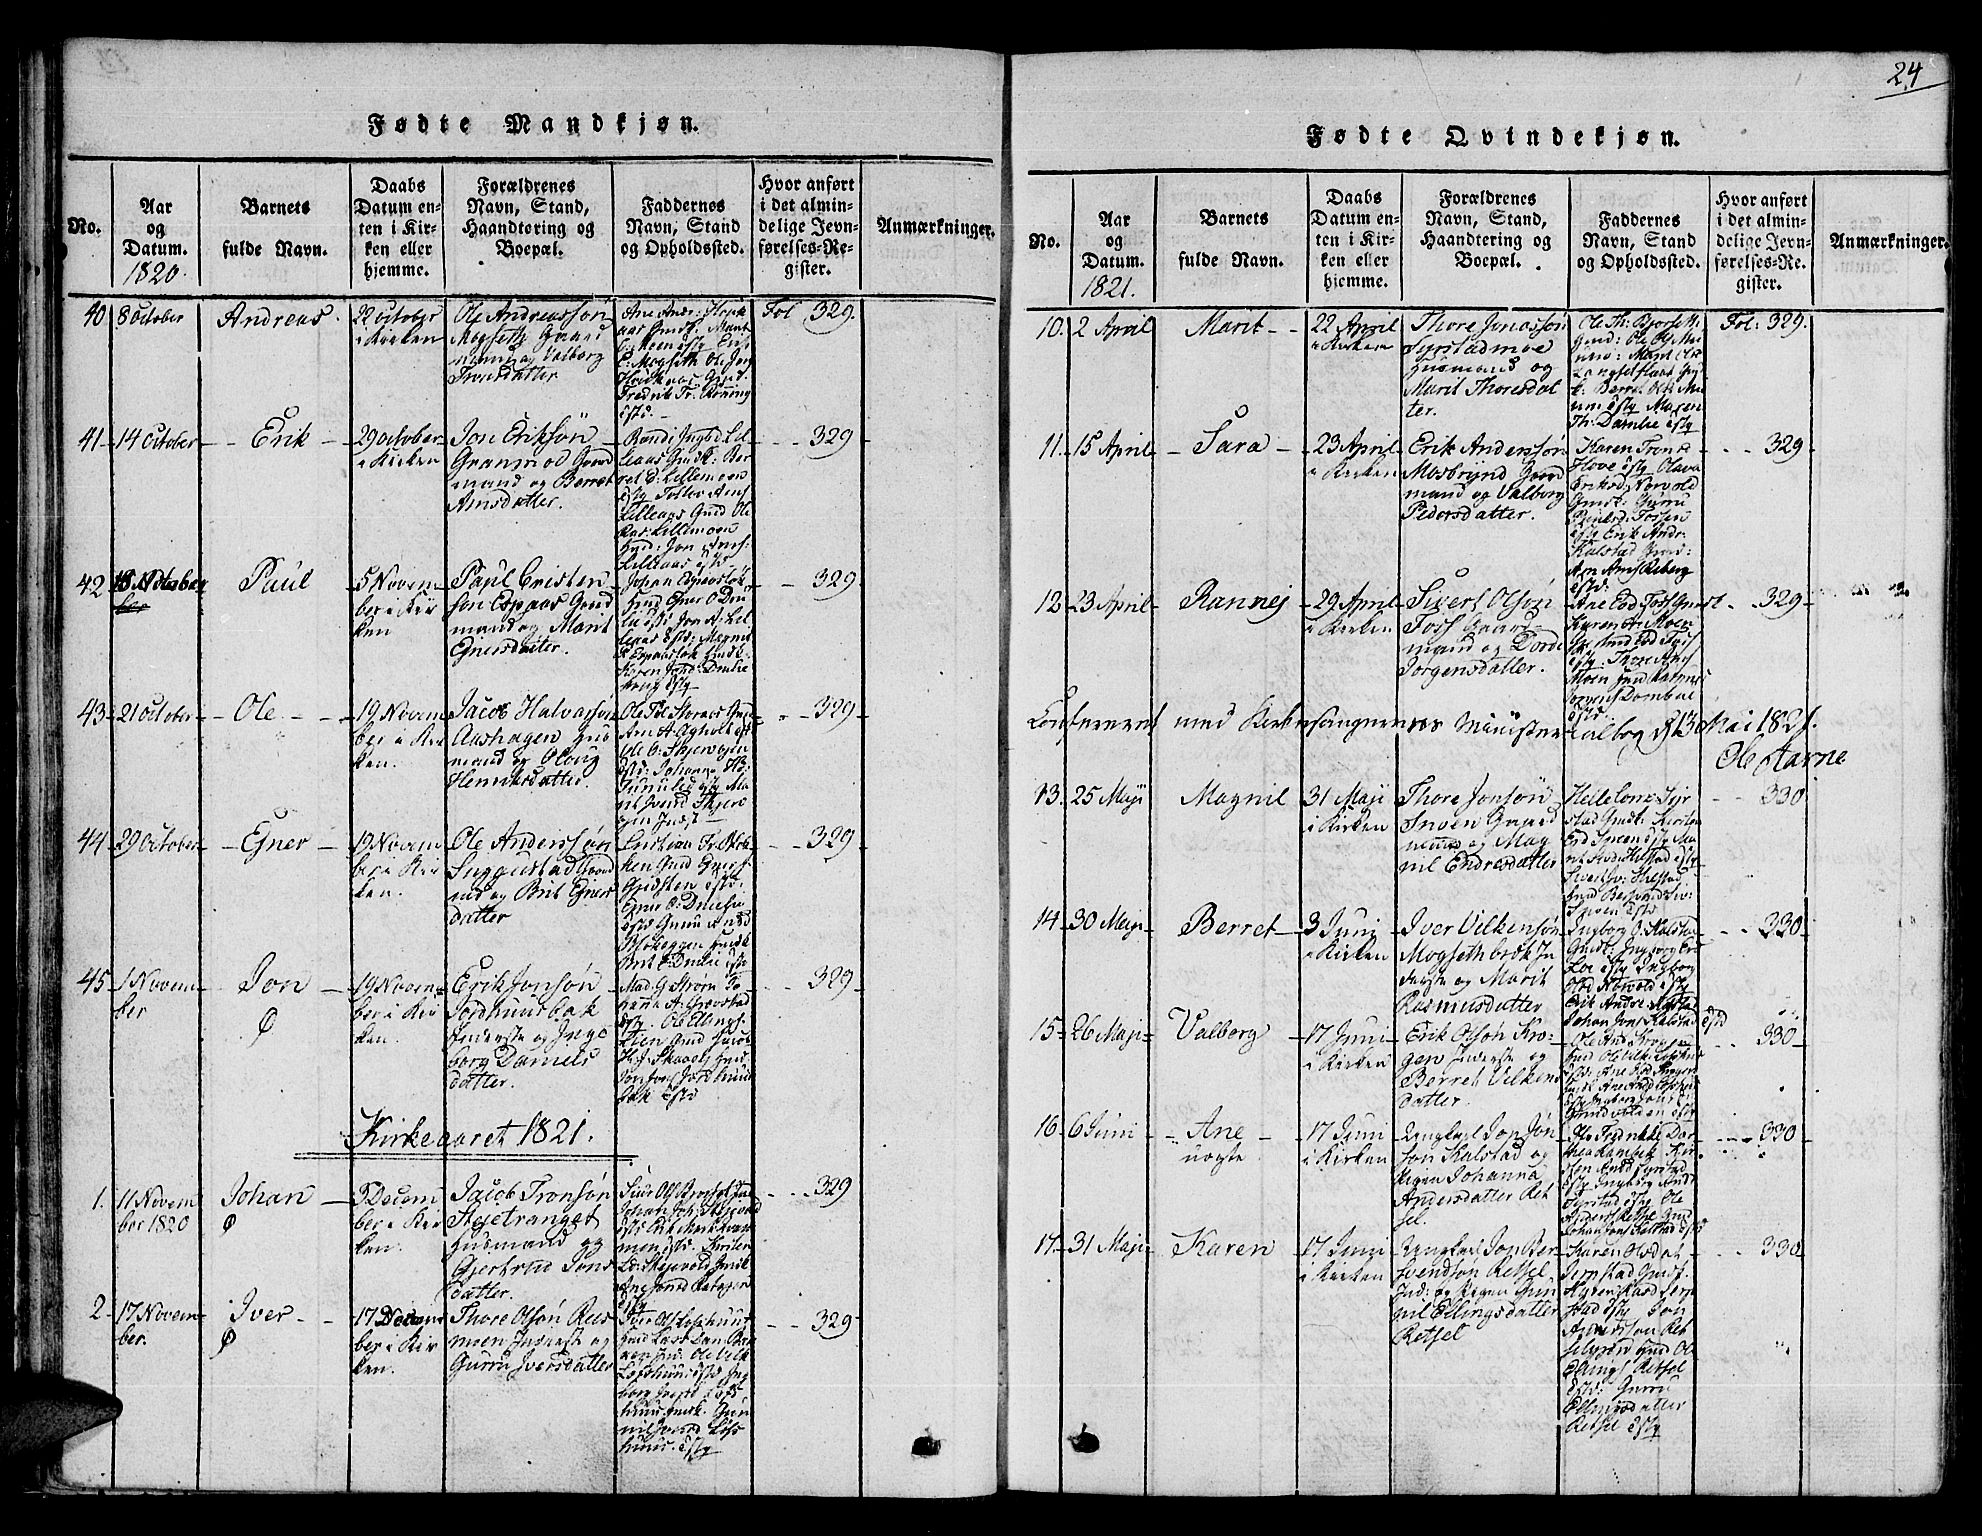 SAT, Ministerialprotokoller, klokkerbøker og fødselsregistre - Sør-Trøndelag, 672/L0853: Ministerialbok nr. 672A06 /1, 1816-1829, s. 24